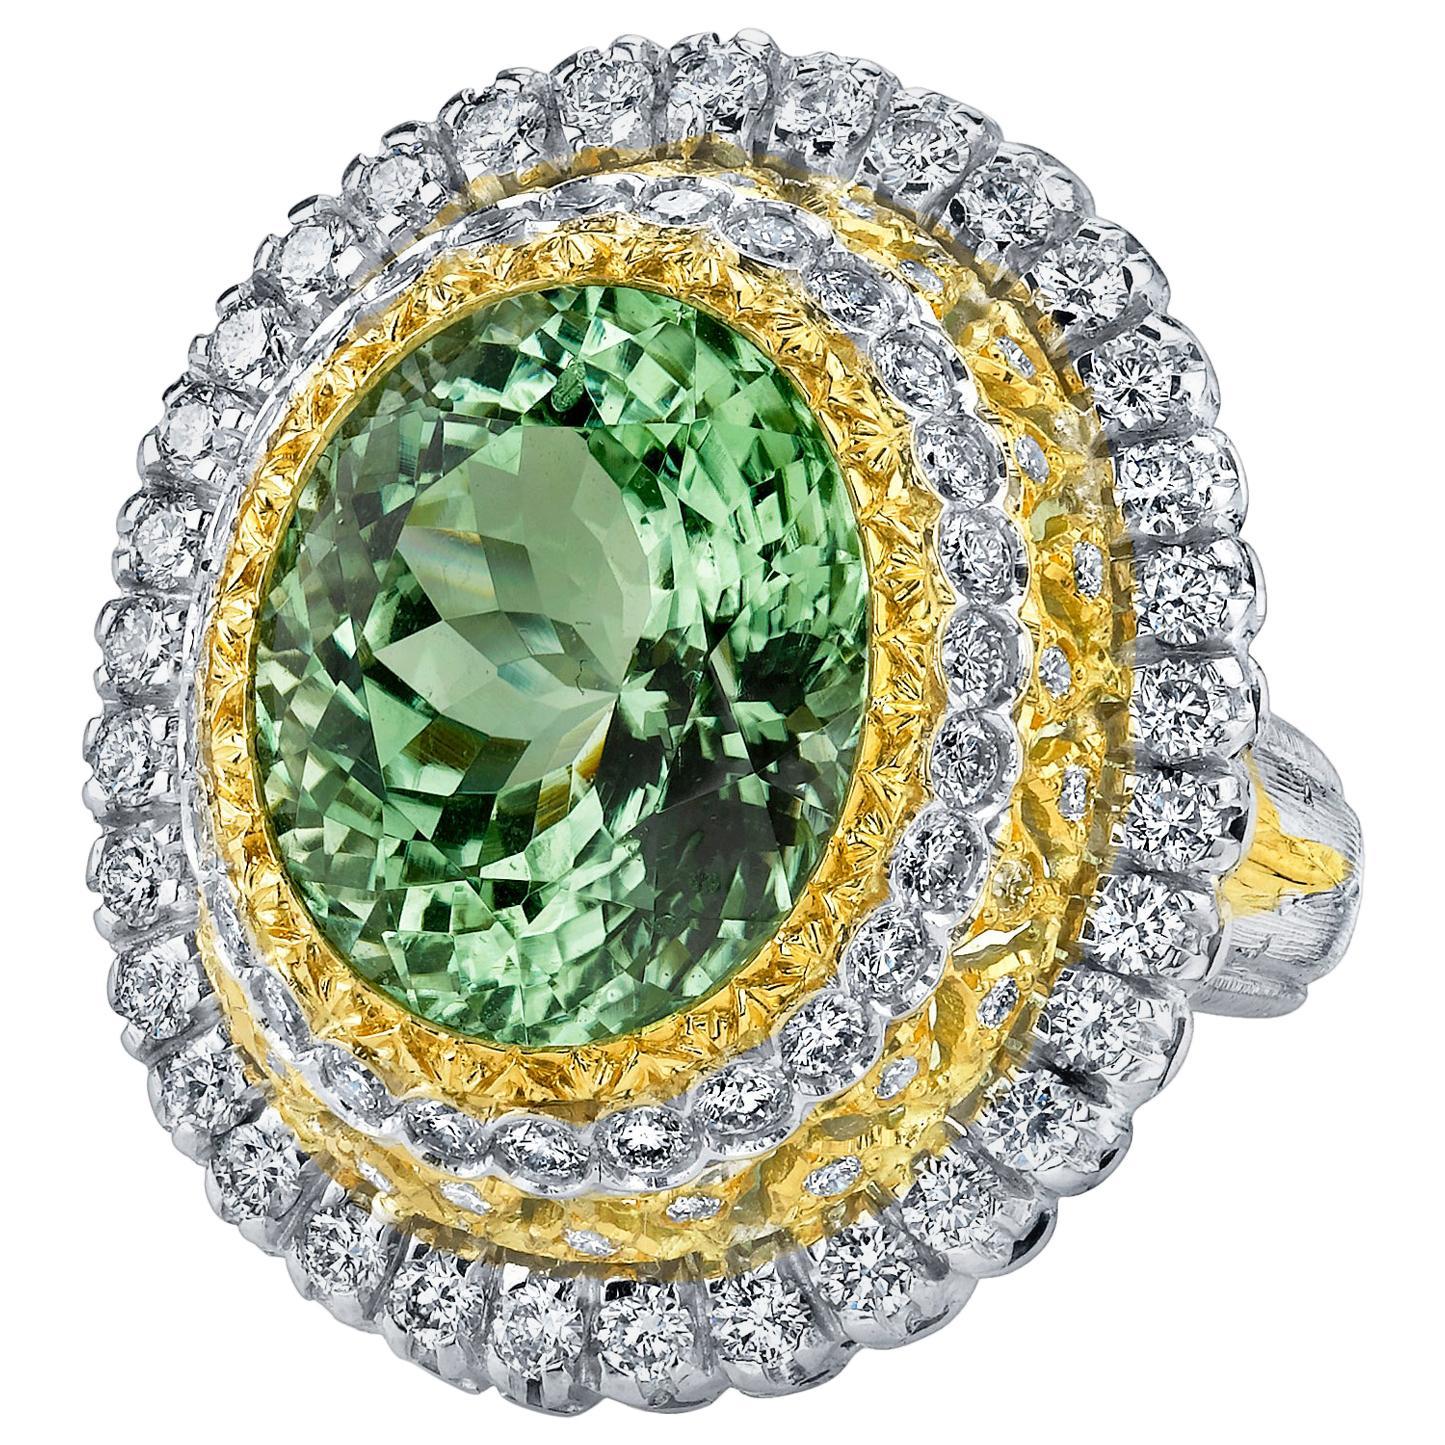 13.52 Ct. Green Tourmaline, Diamond, Handmade White, Yellow Gold Cocktail Ring